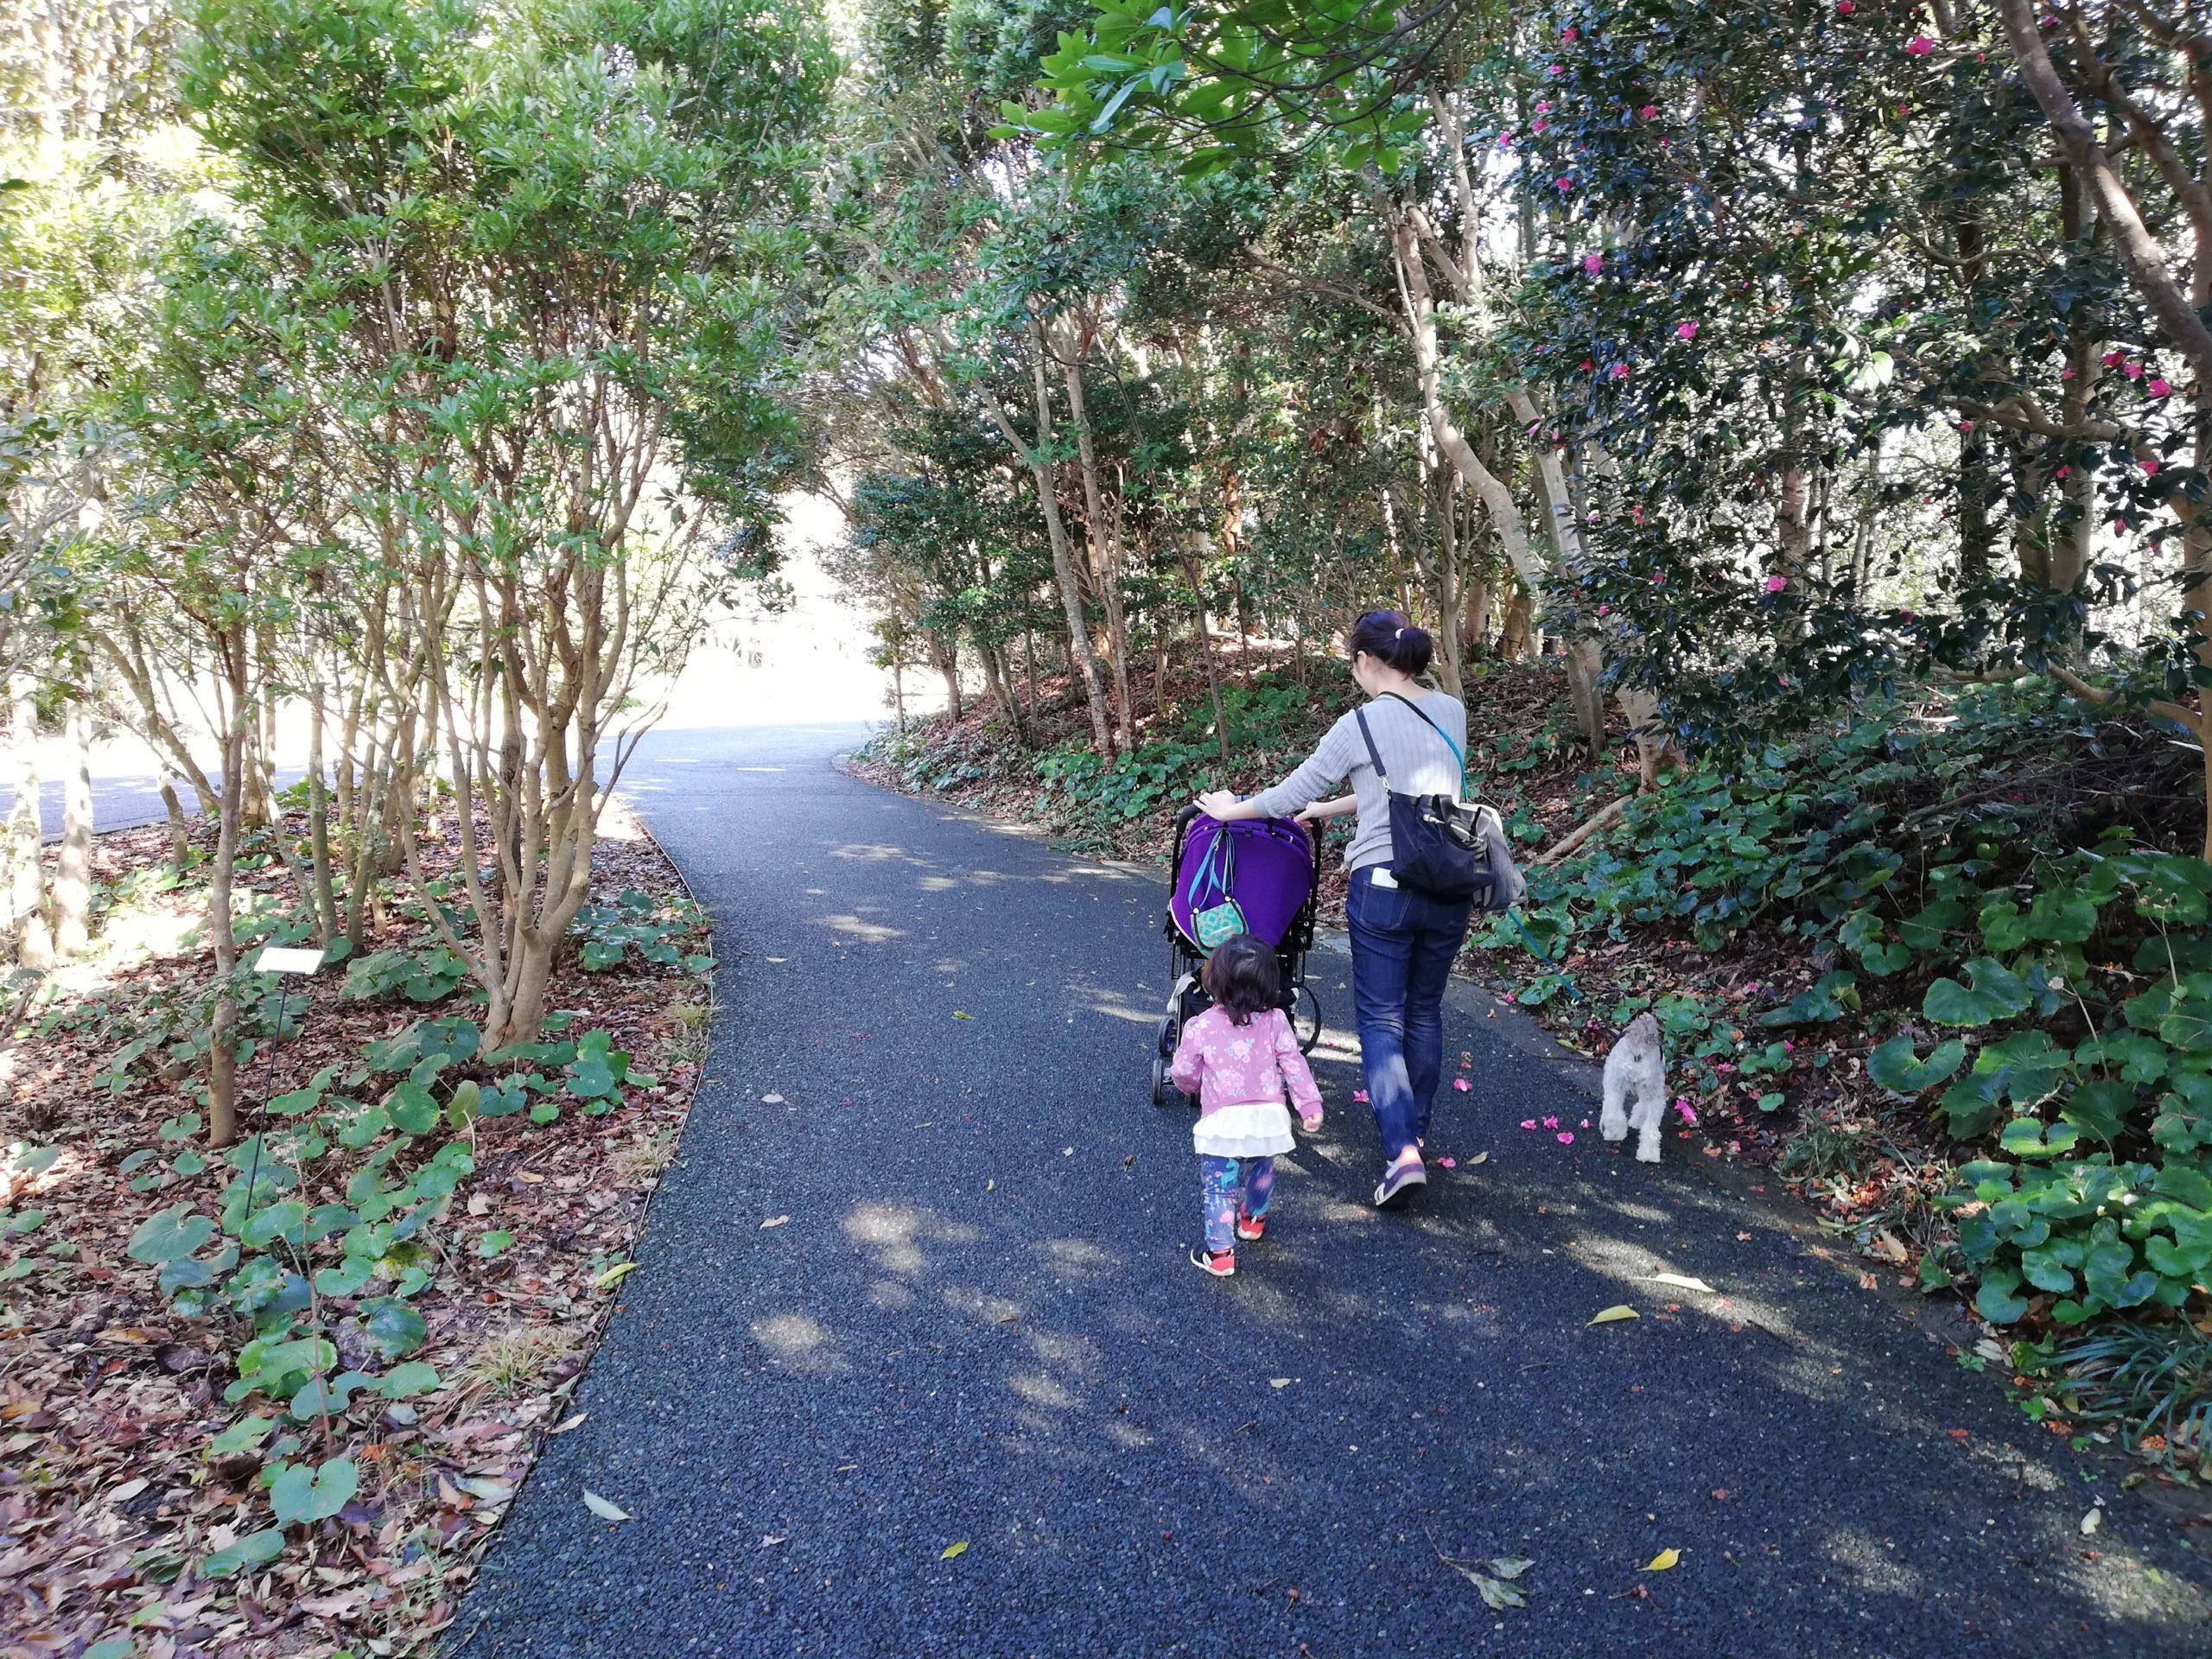 静岡県内でペットと遊ぶ 静岡県浜松市 浜名湖ガーデンパーク ベビーカーでも歩きやすい